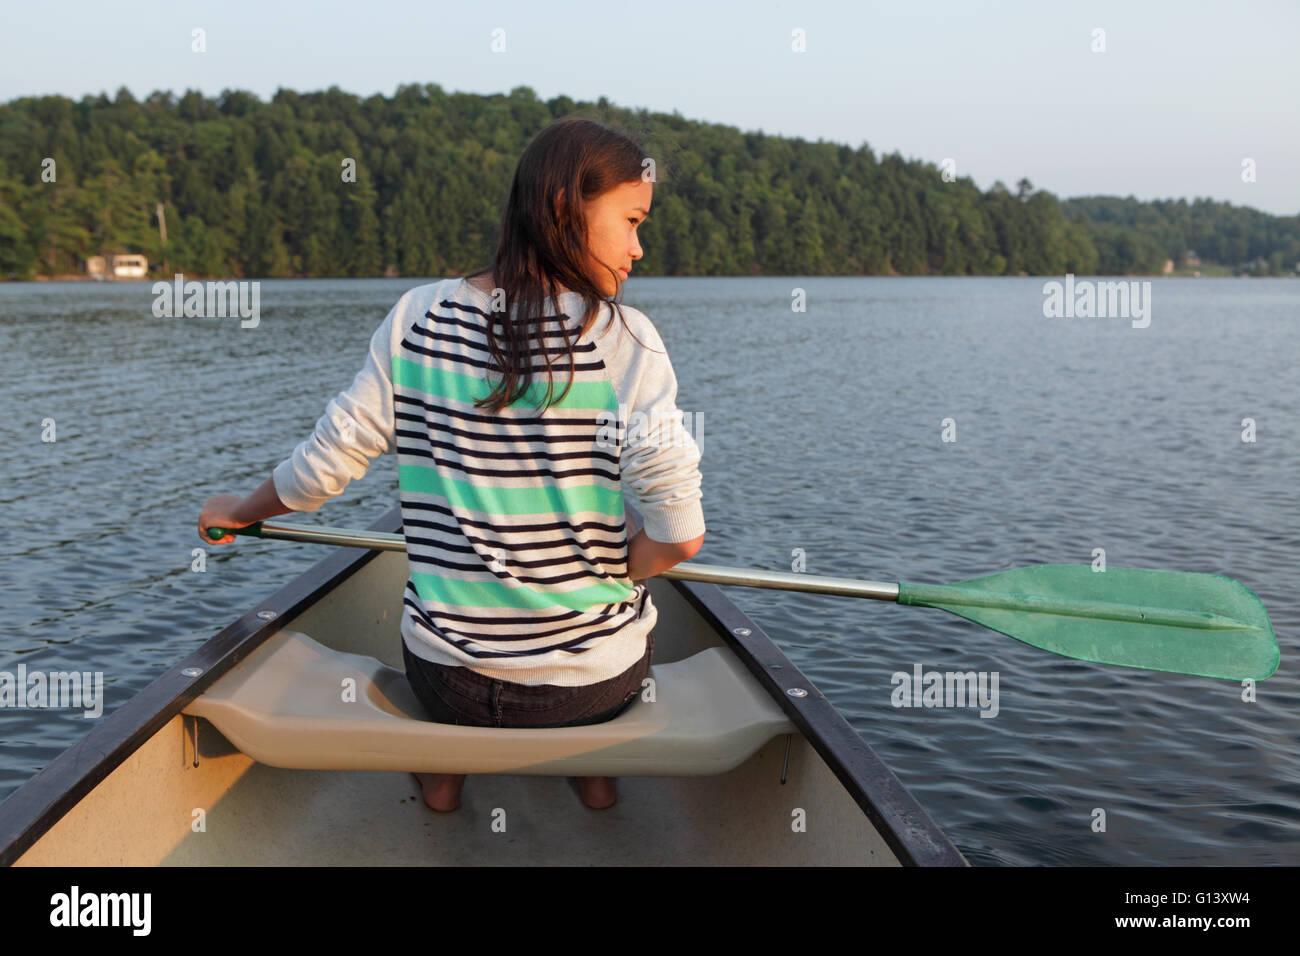 Niña remando en una canoa en un lago en calma, en el oeste de Vermont, en el verano Imagen De Stock